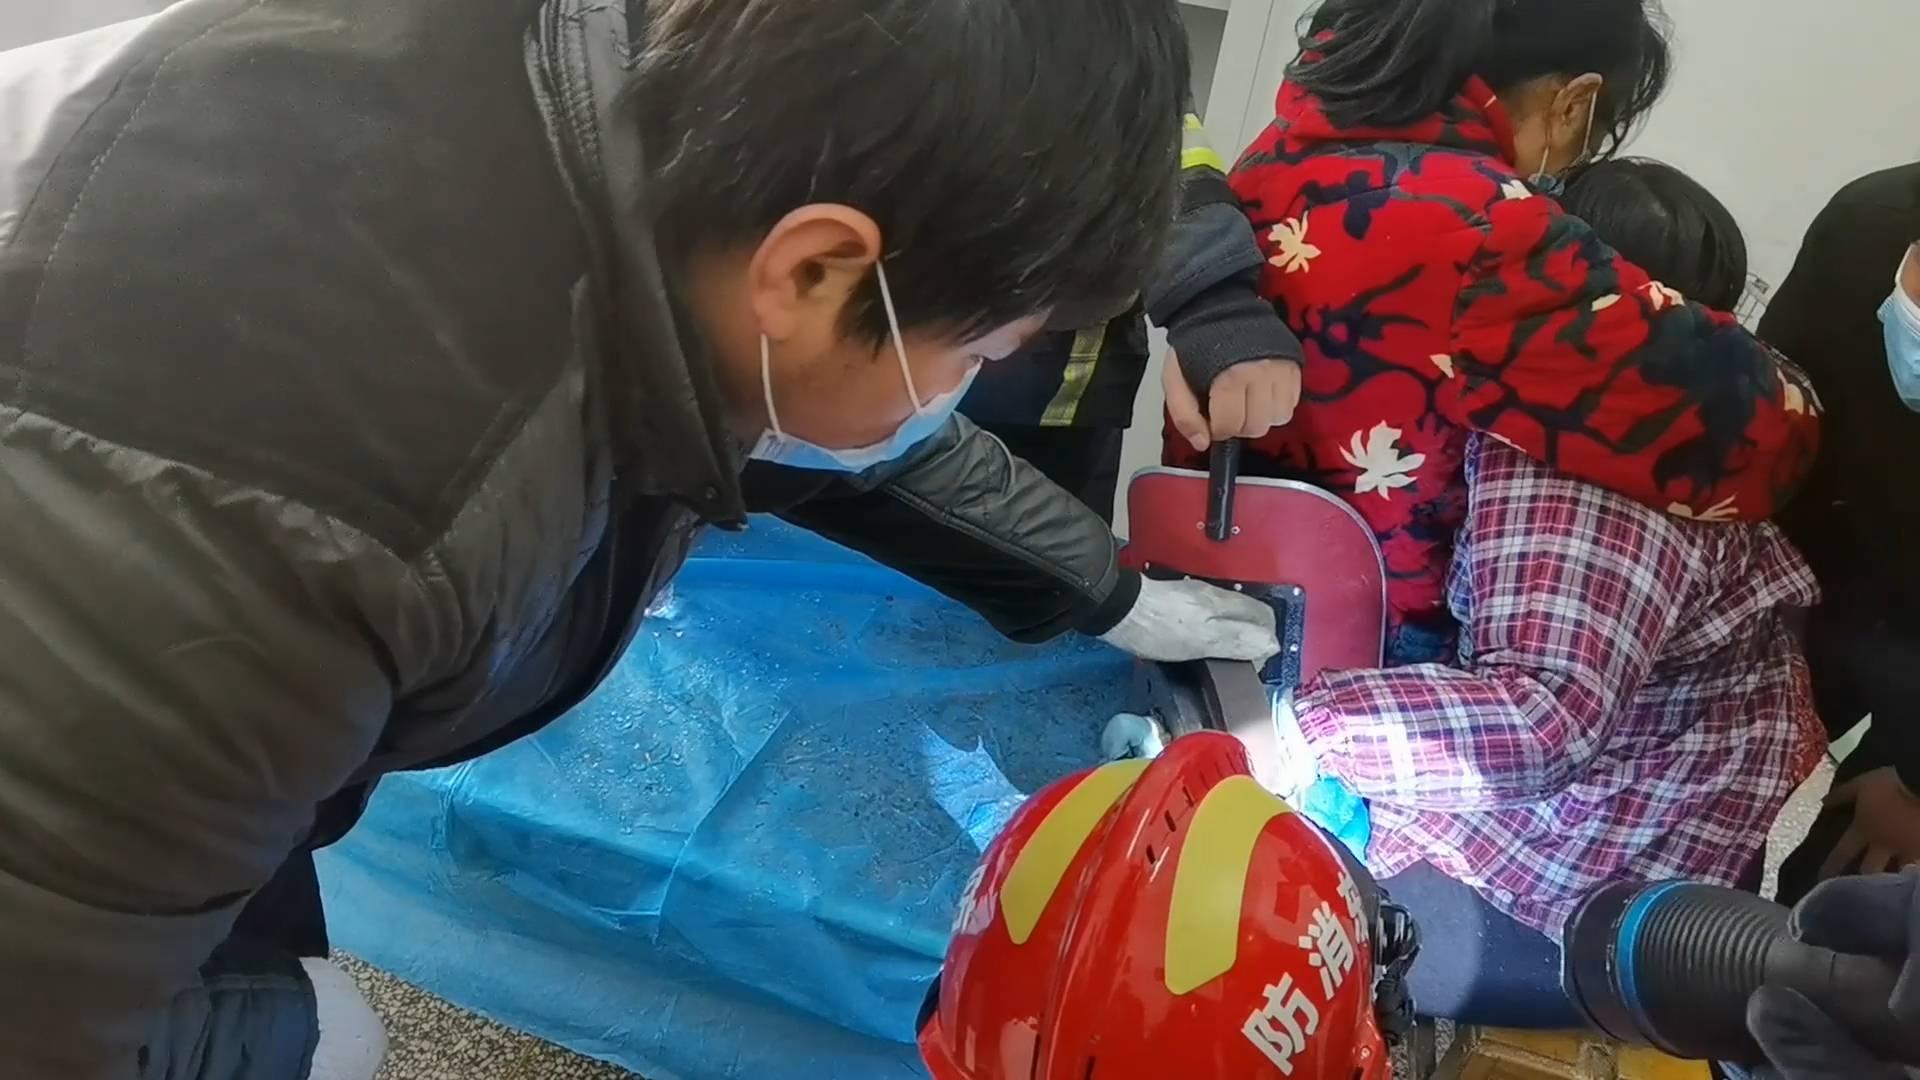 山东聊城一女工人手卡入模具中致手掌严重变形 消防人员紧急救援